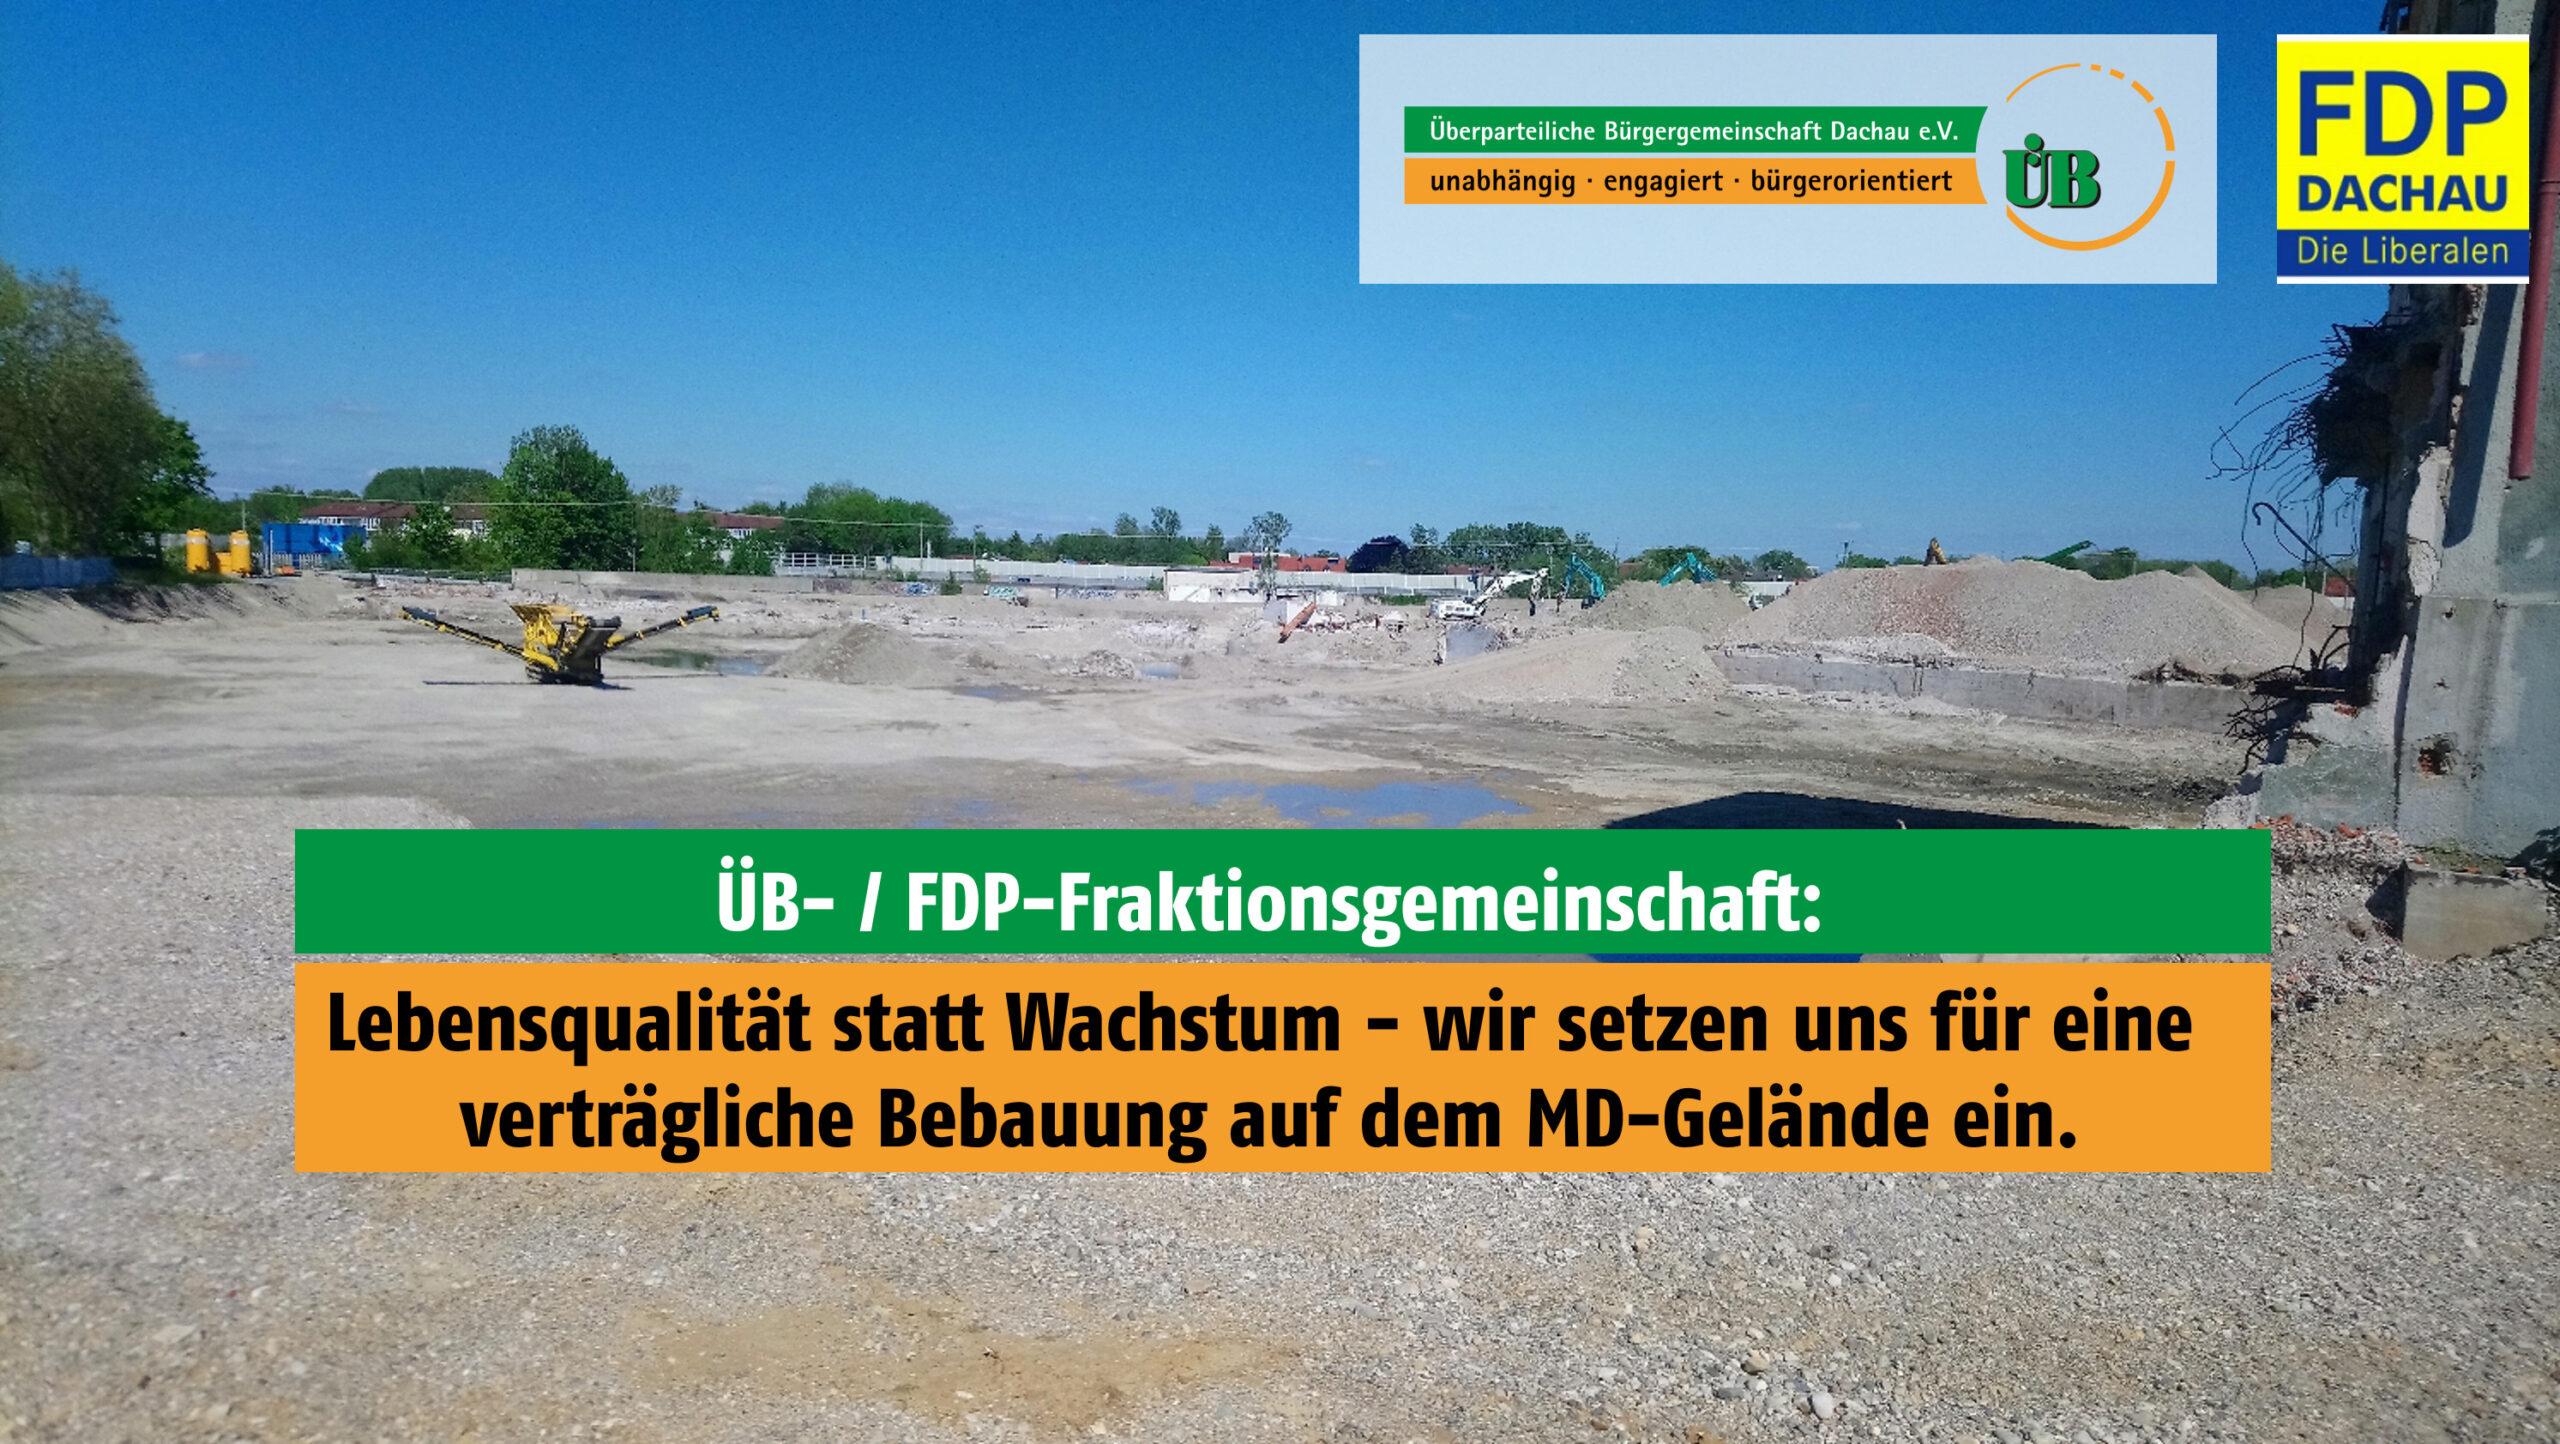 MD-Gelände - ÜB und FDP Dachau für verträgliche Bebauung